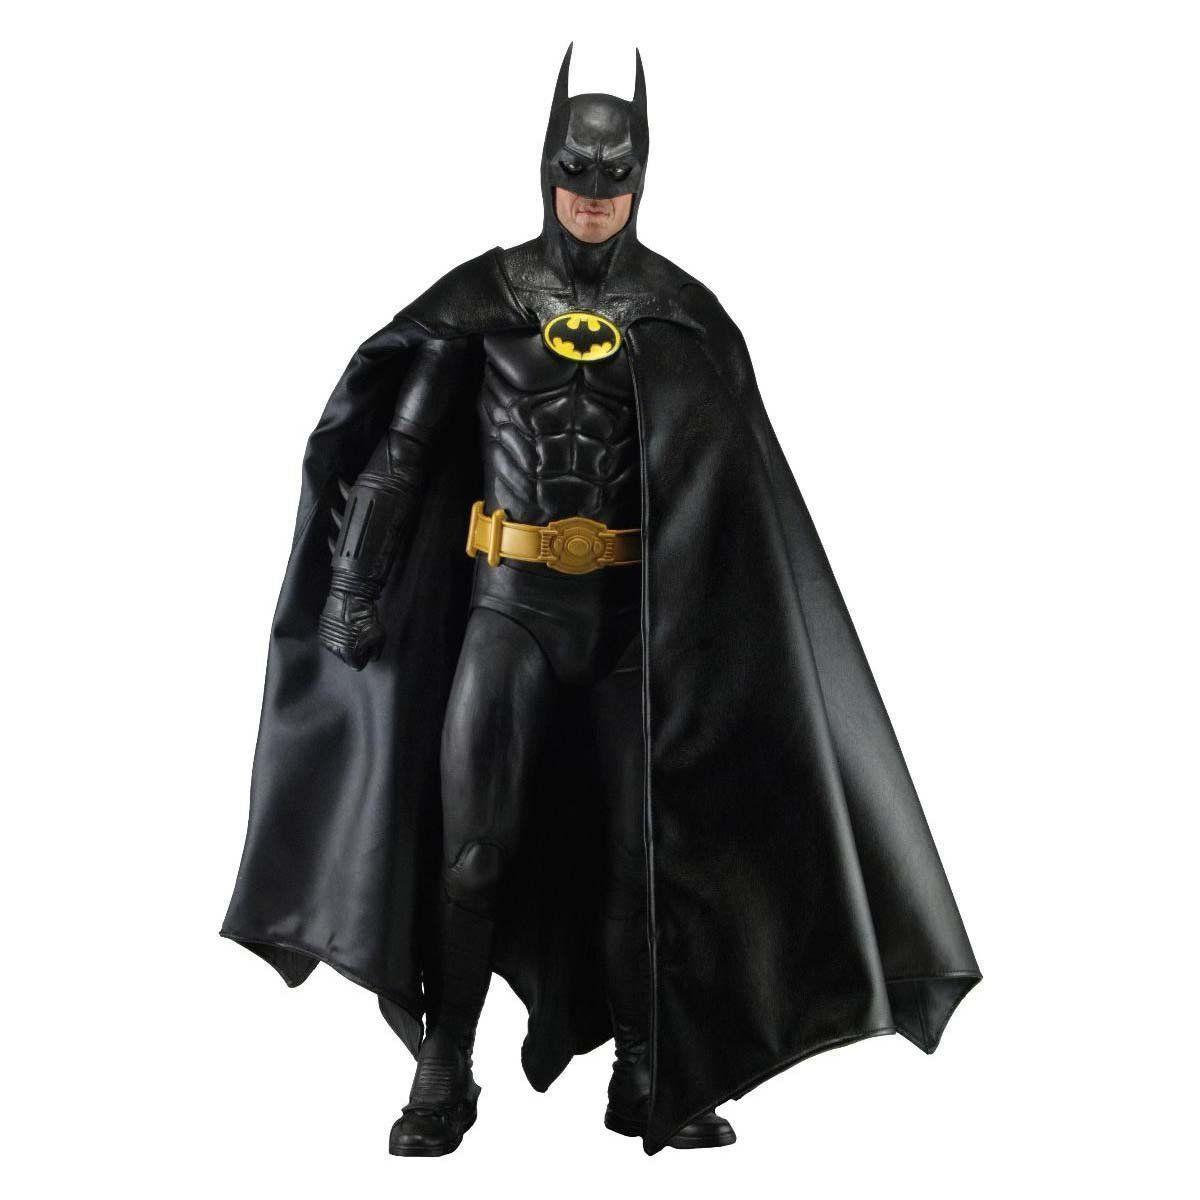 Boneco (Action Figure) Batman 1989 Michael Keaton